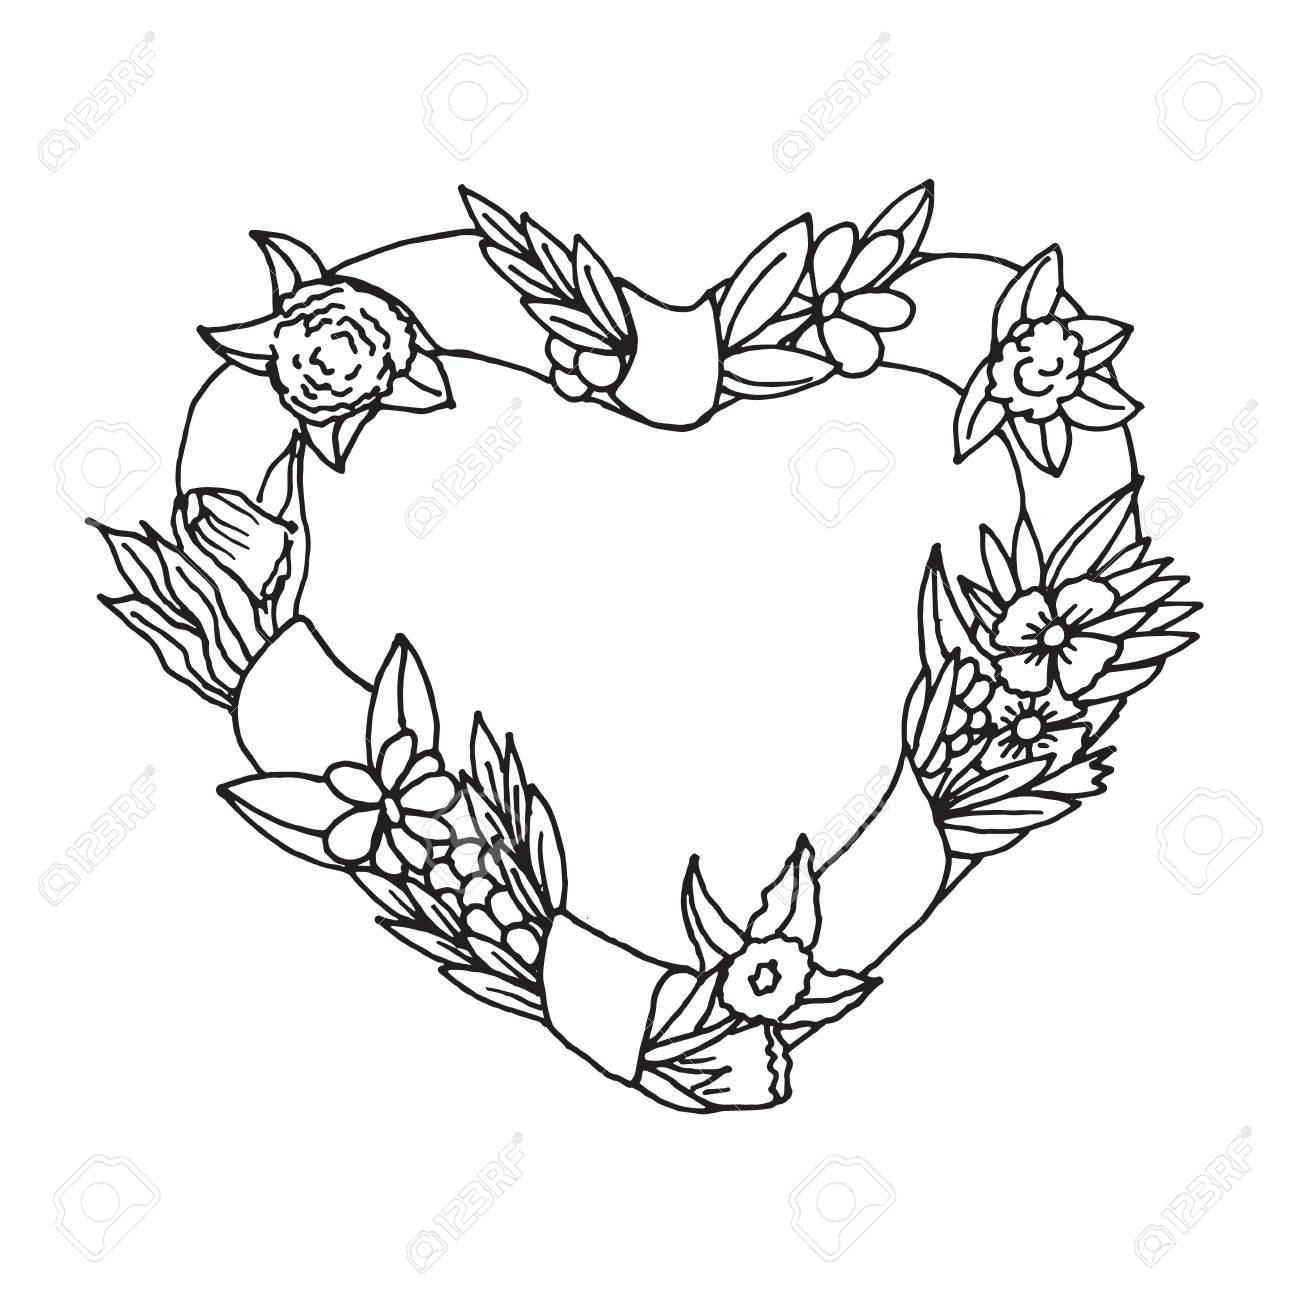 14 De Febrero Feliz Tarjeta Del Día De San Valentín Ilustraciones Dibujadas Mano Del Bosquejo Perfecto Para Colorear Libros Y Invitaciones De